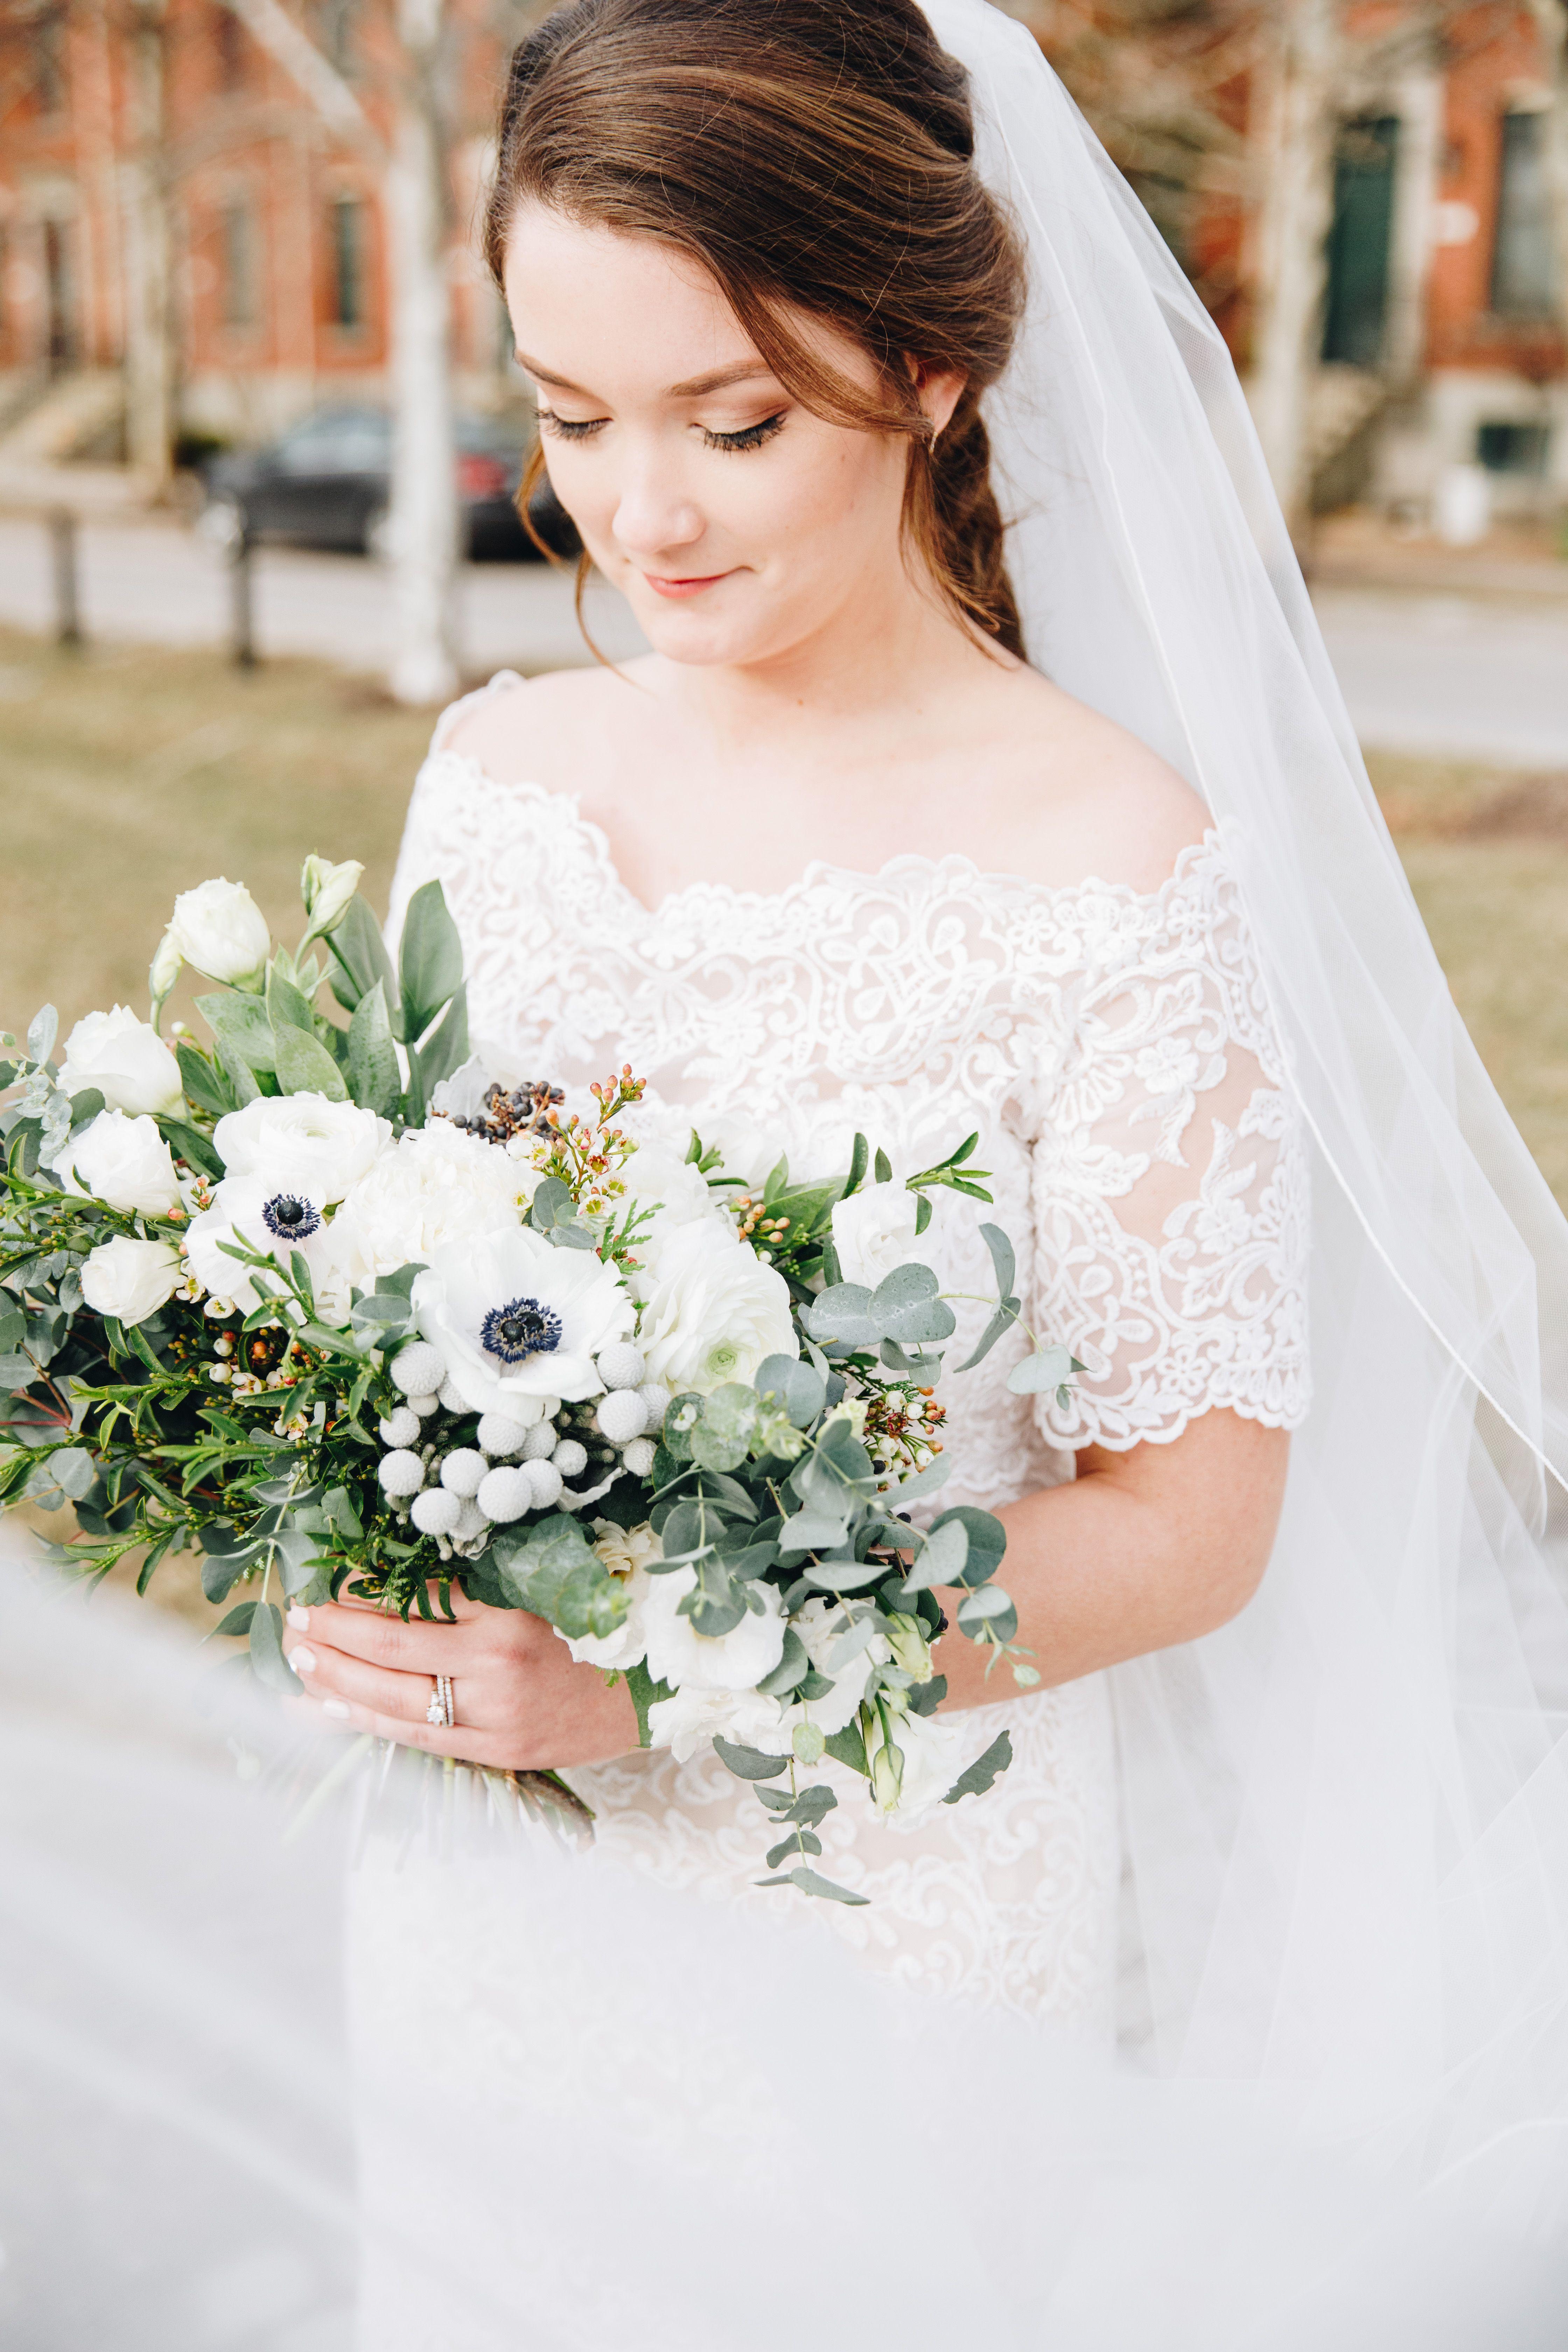 Photo Mccune Co Florals Roses Mint Mint Bridal Bouquet Fine Art Wedding Wedding